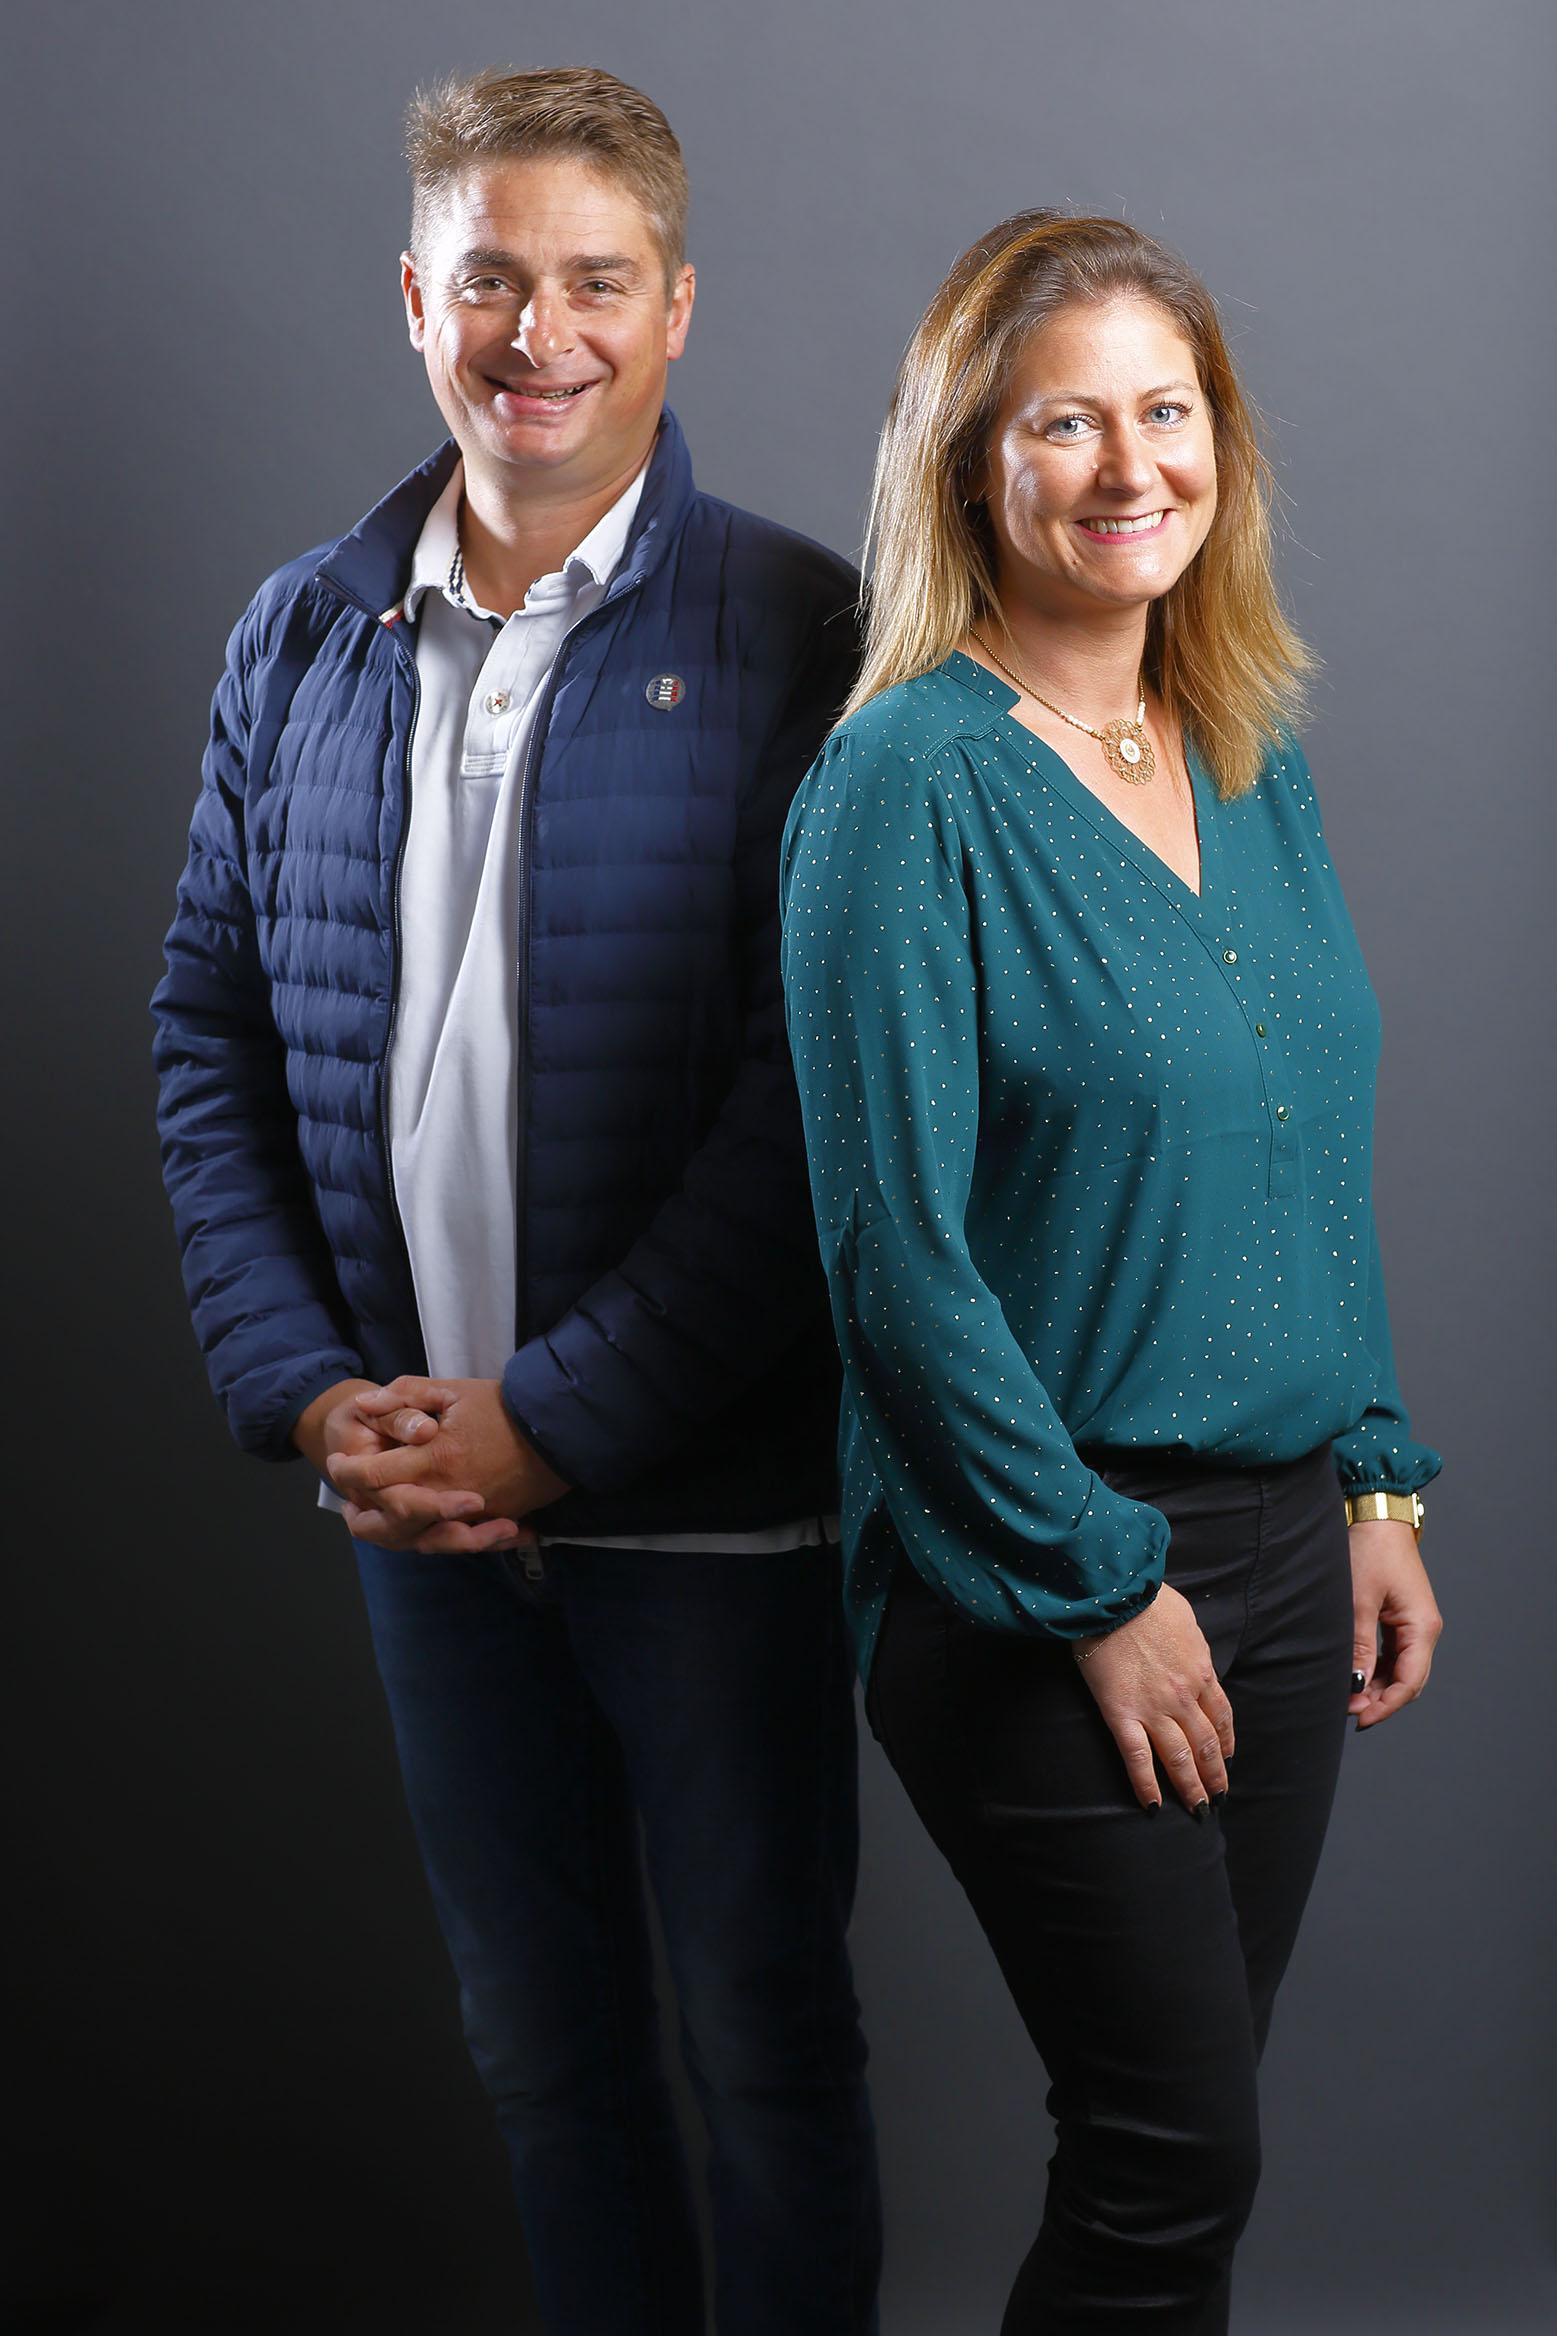 Aurélie et Guillaume Deniel remportent le défi service innovant pour le projet L'EFFET MER. Saint-Nazaire. Crédit : Bertrand Béchard